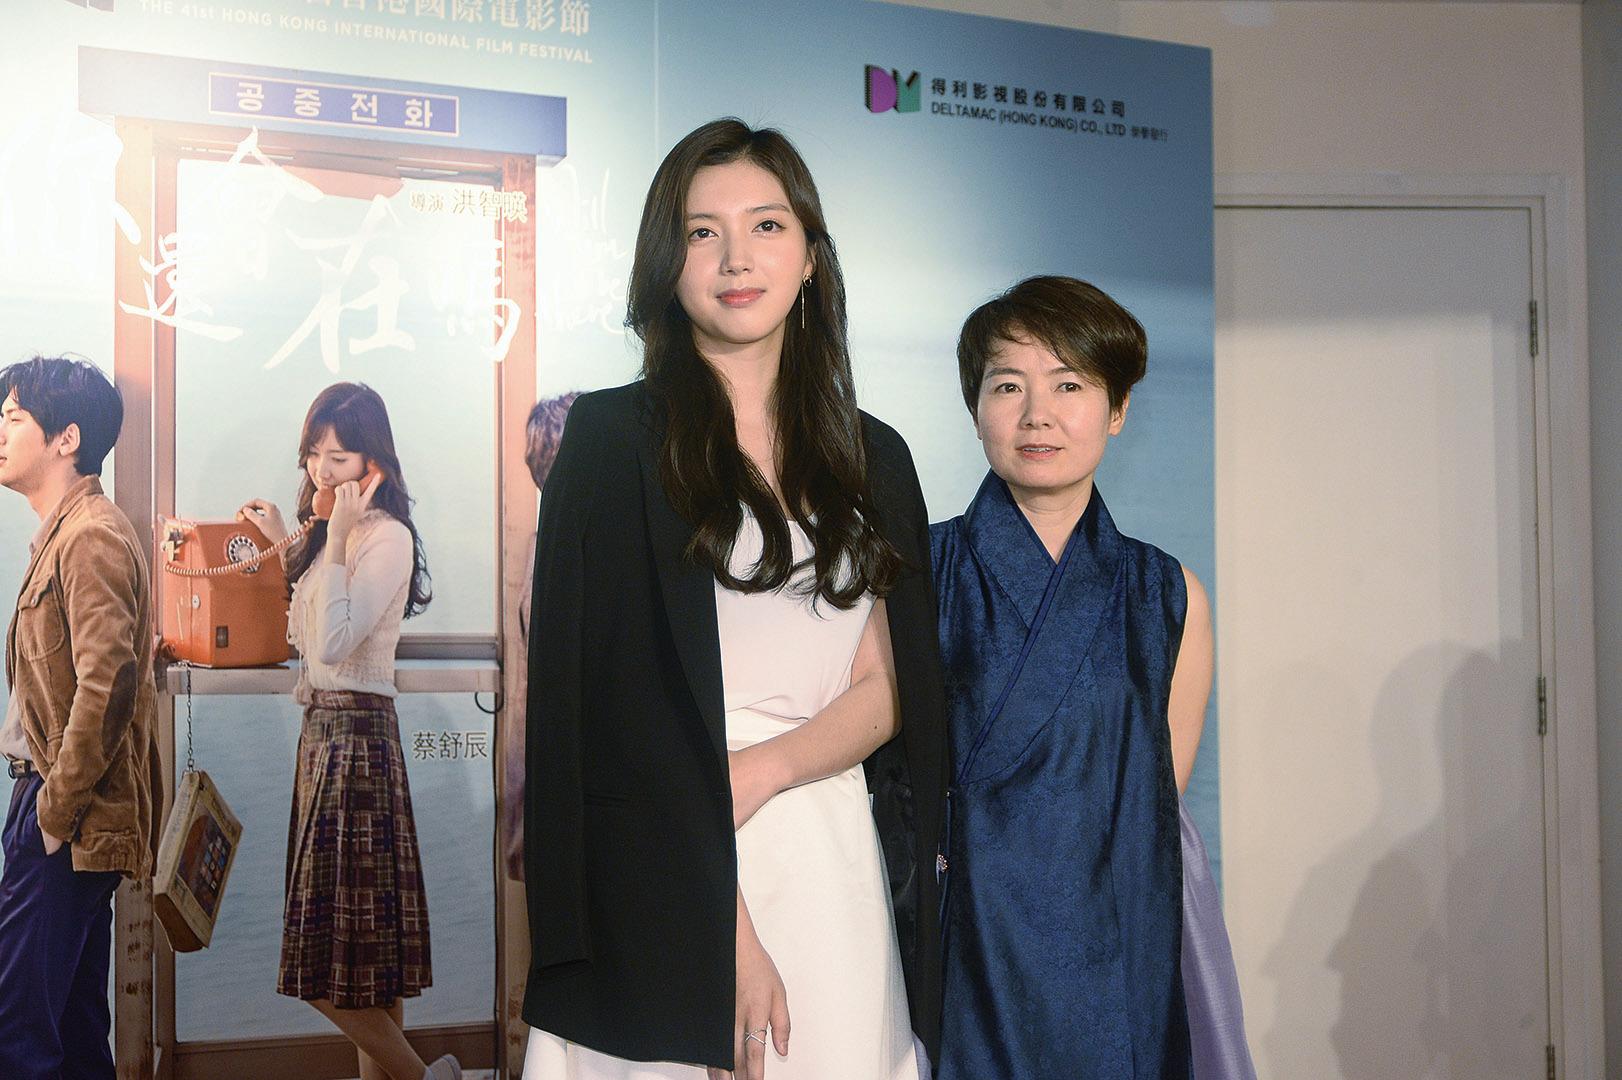 導演金智暎(右)攜劇中女主角蔡舒辰出席電影《你還會在嗎》首映禮。(宋碧龍/大紀元)